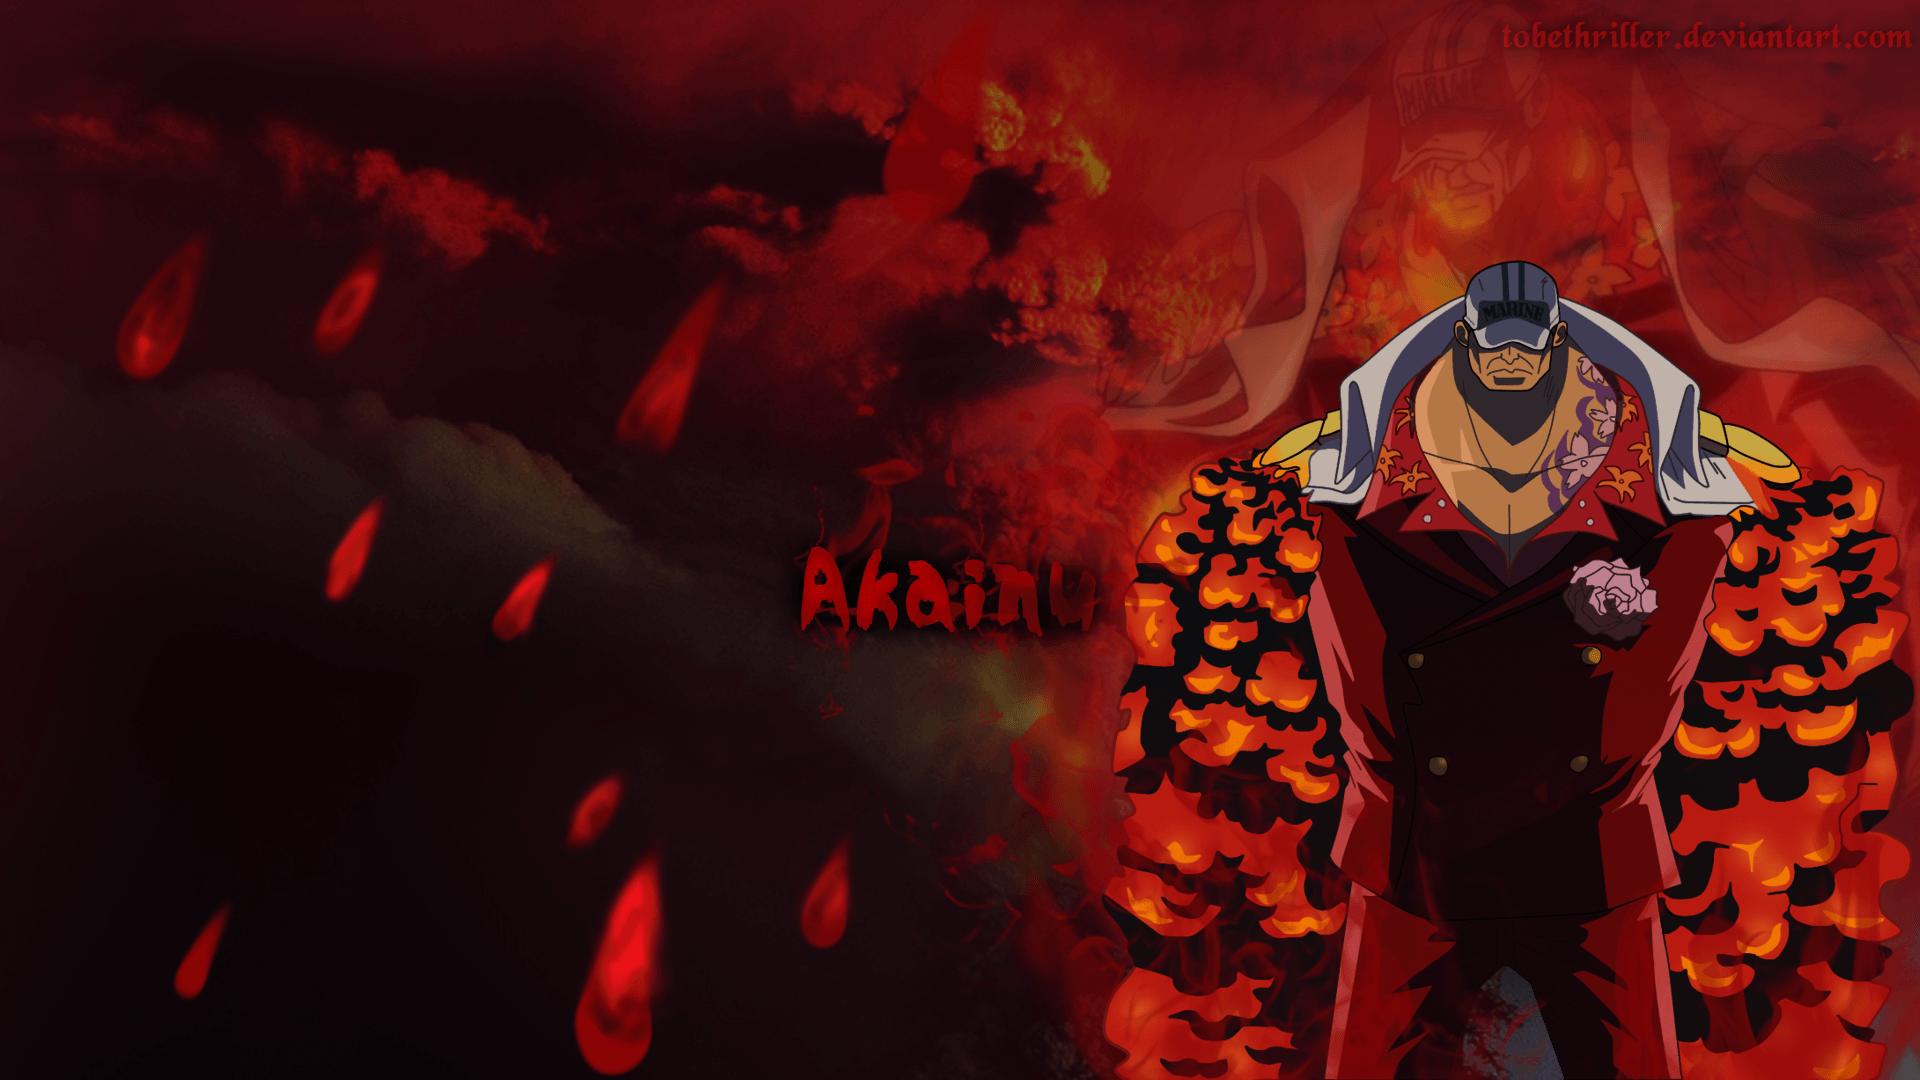 admiral akainu hd